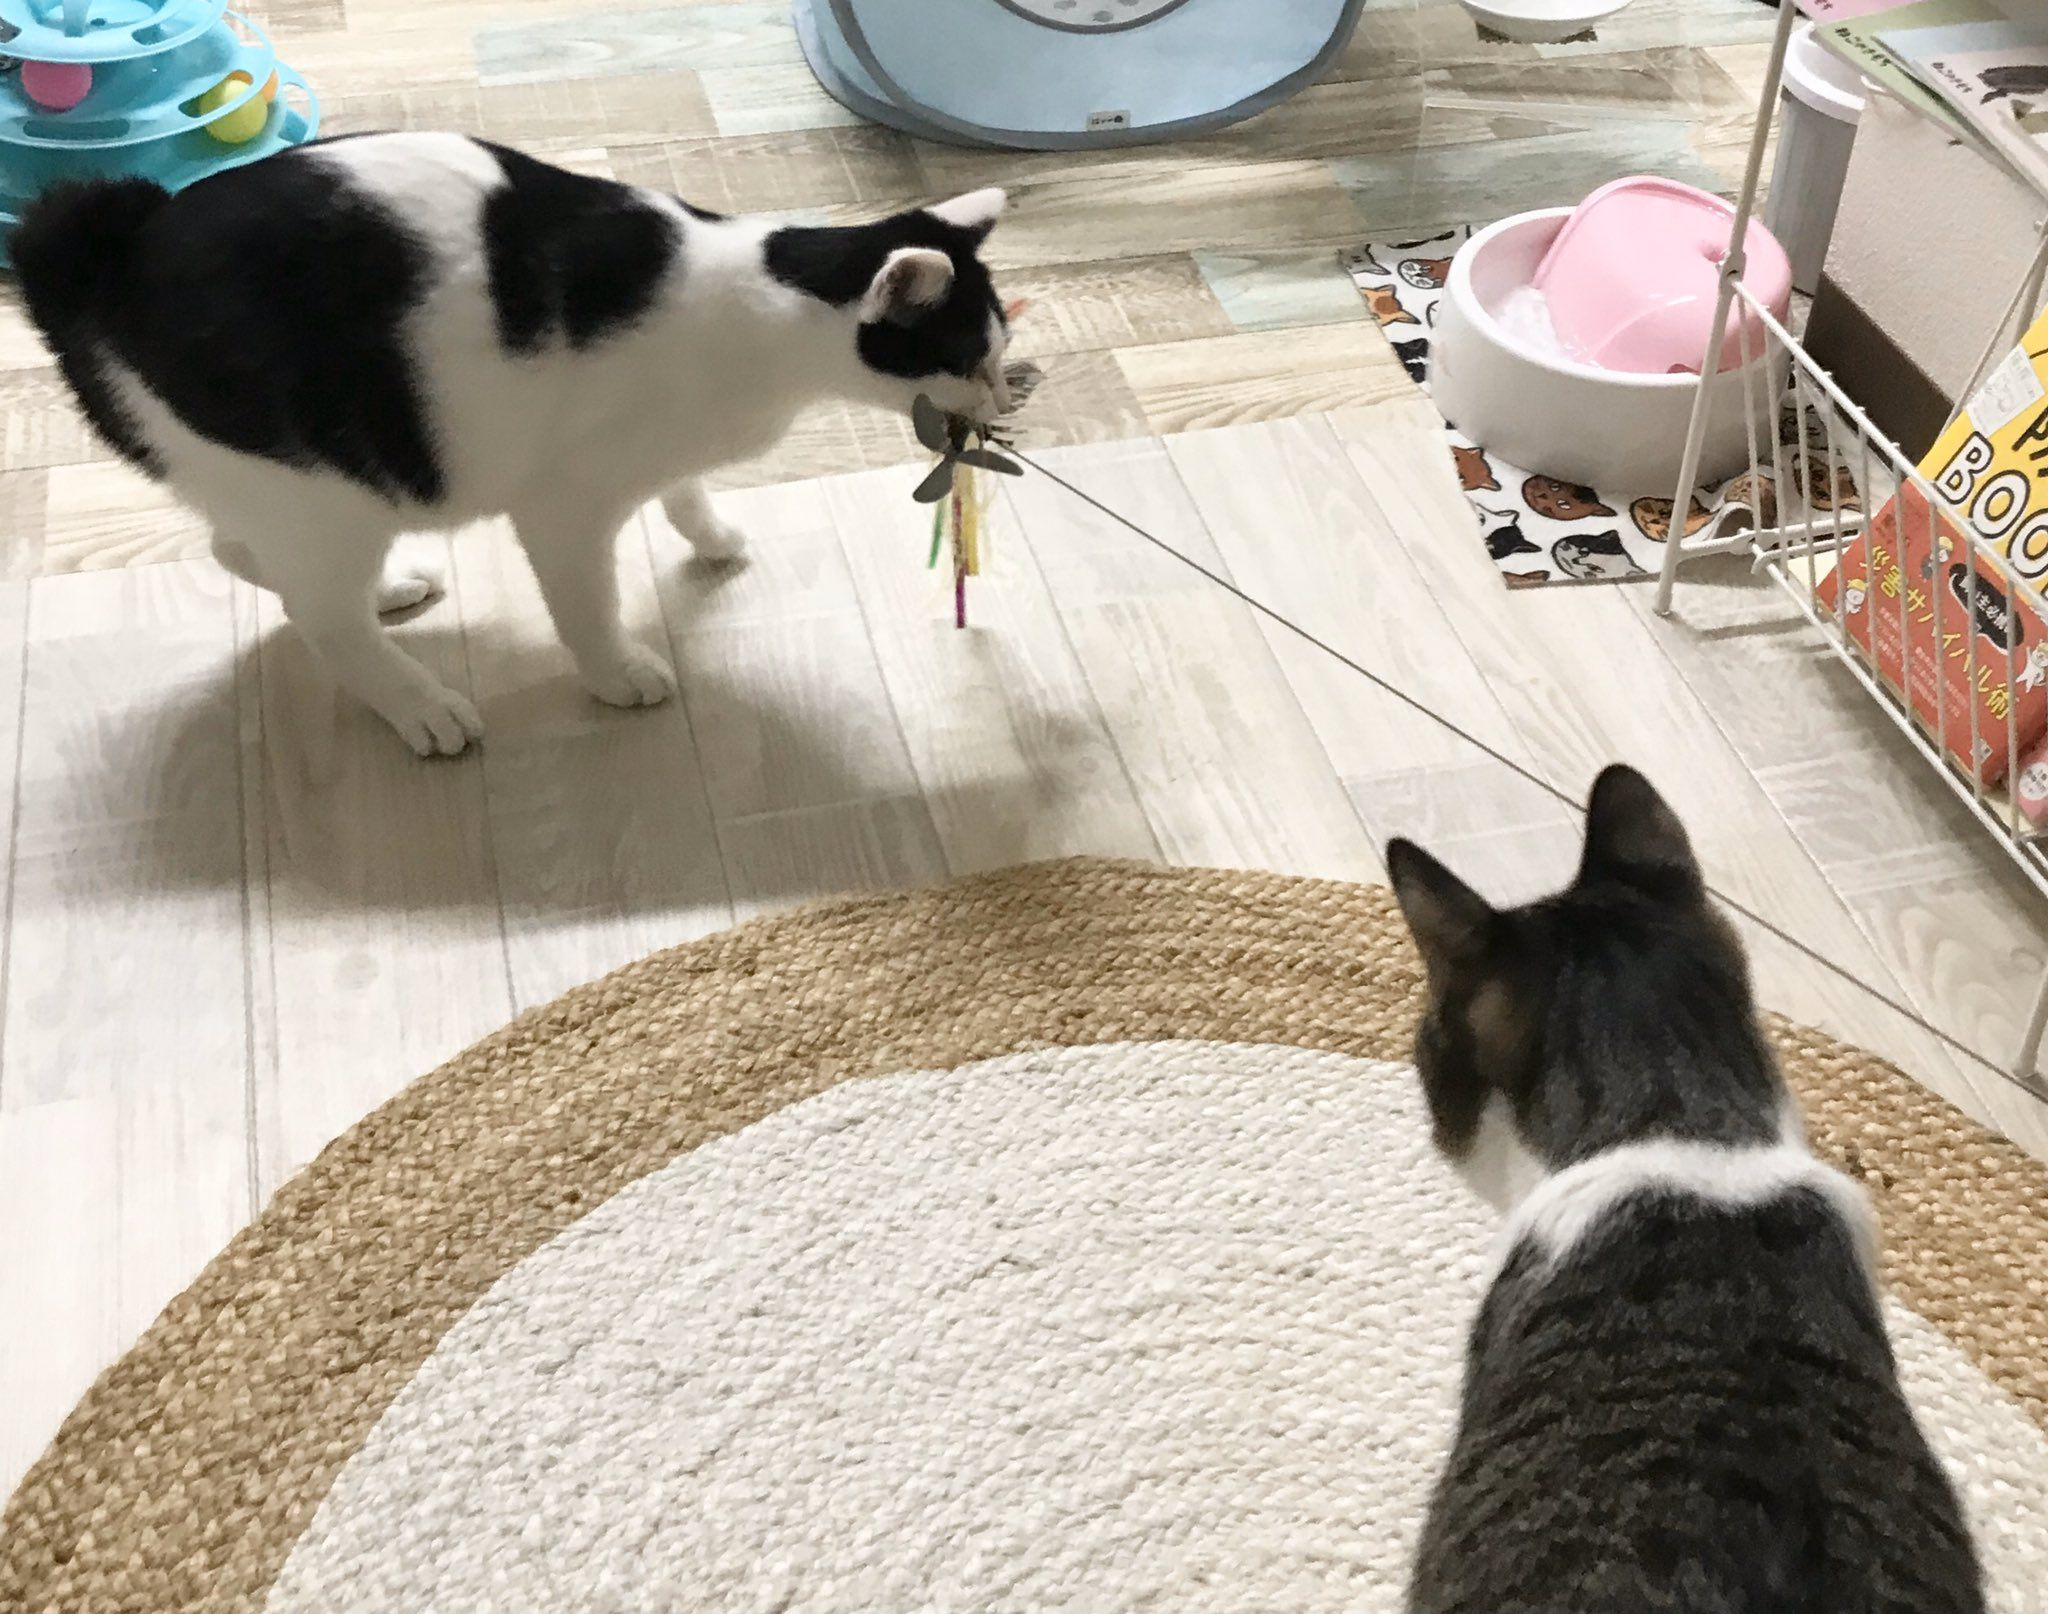 保護猫ルーム Wasao On Twitter Cat Room Kids Rugs Contemporary Rug